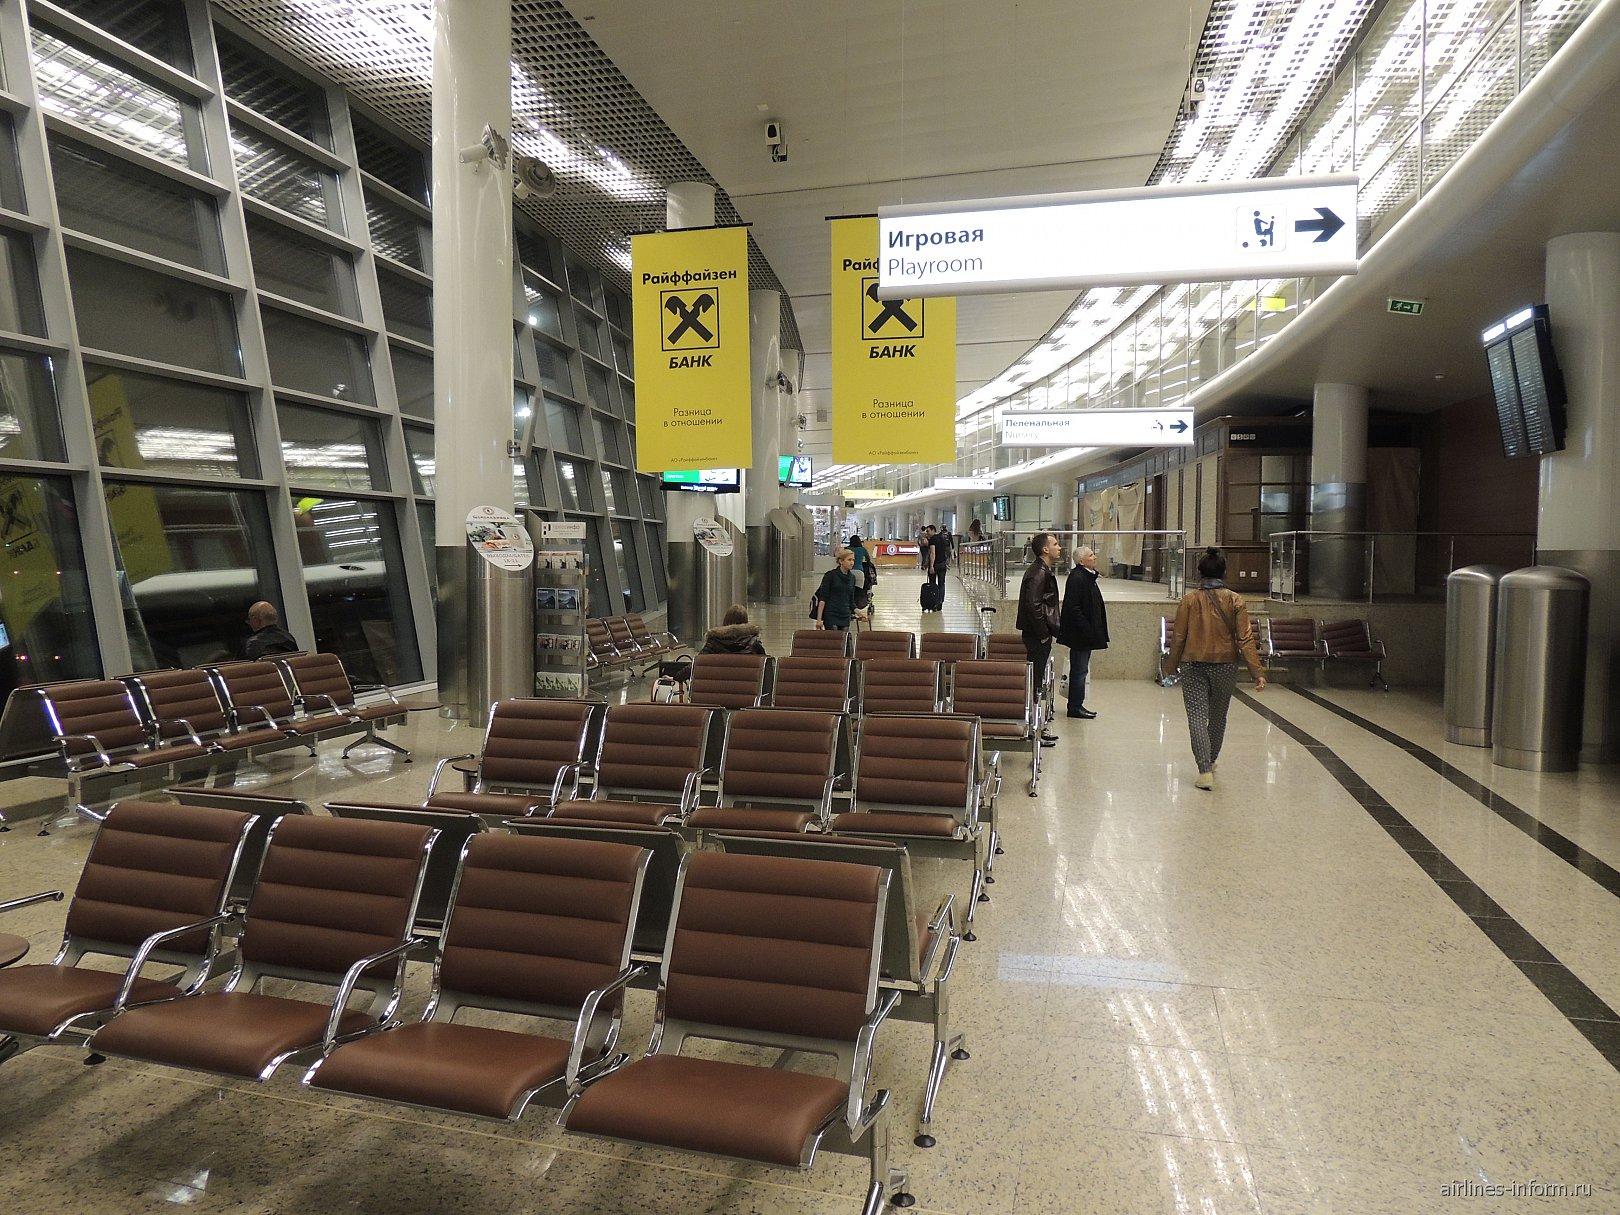 Зона выходов на посадку в терминале D аэропорта Шереметьево